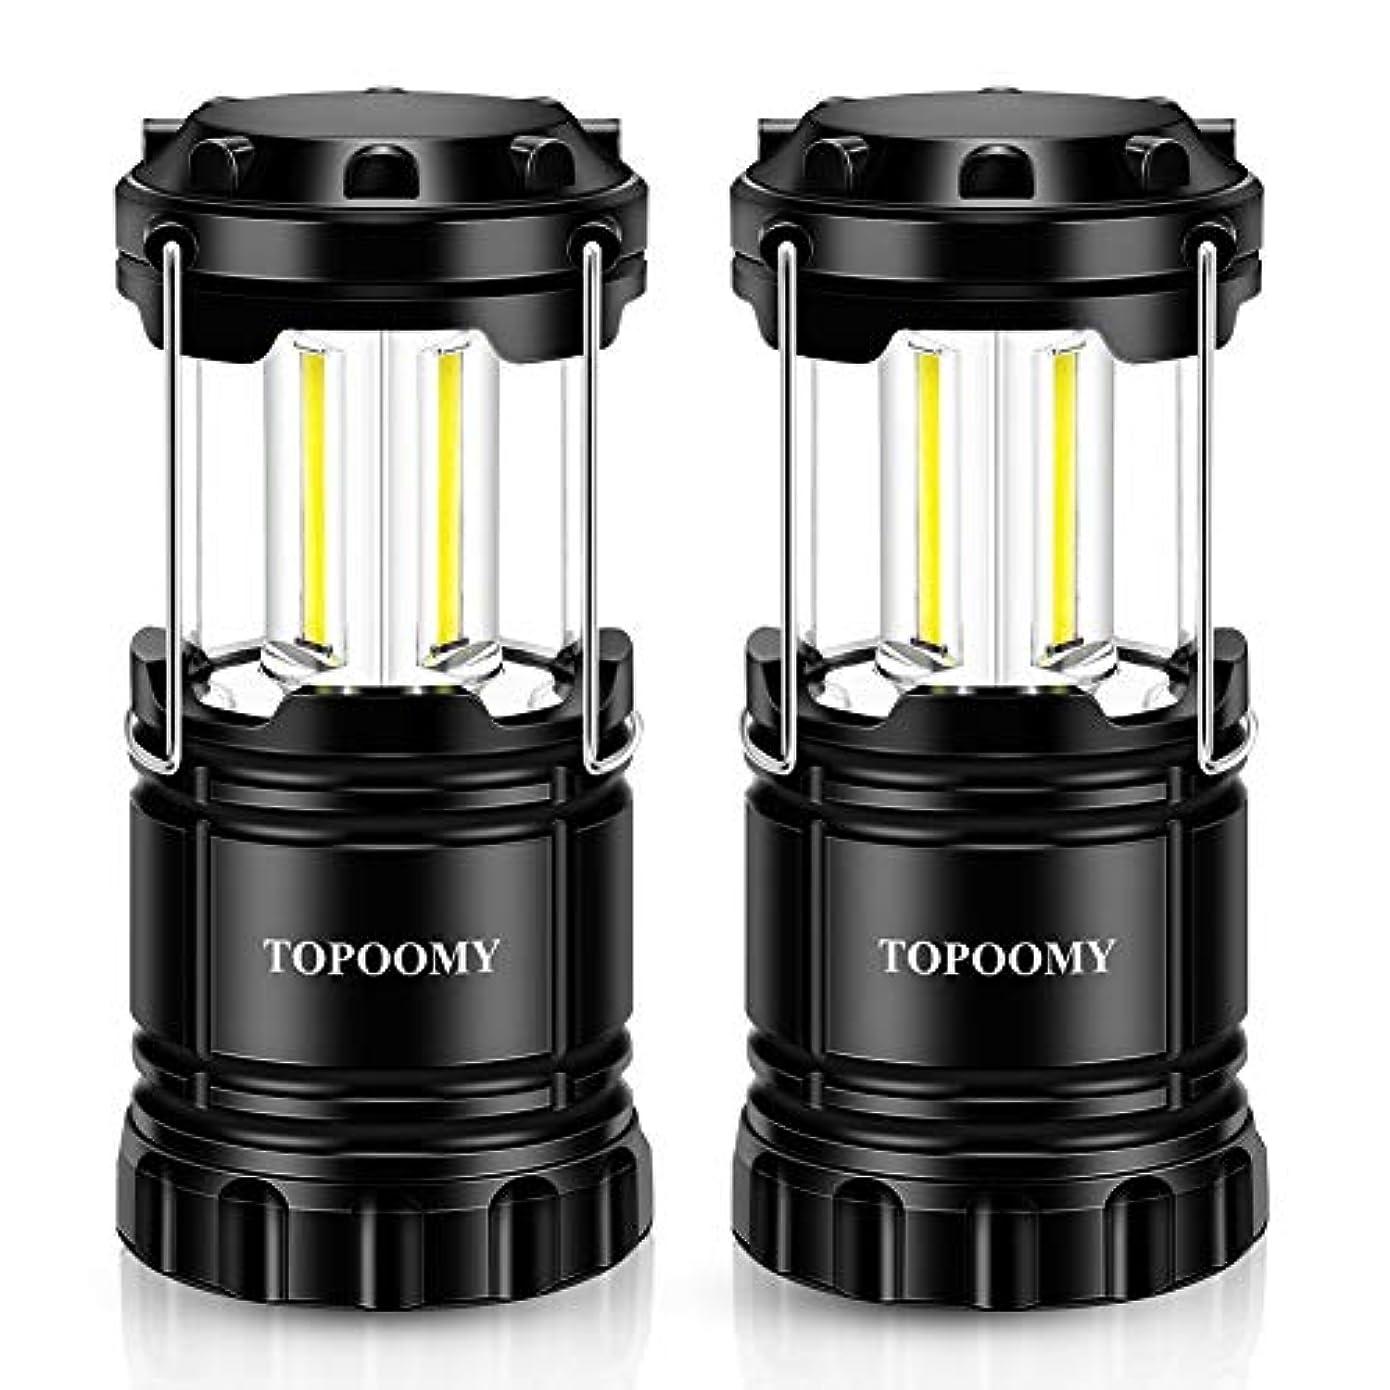 扱う雹文明2019最新 LEDランタン &LEDライトランプ 携帯式 超高輝度 収納可能 電池式 【防災対応/登山/夜釣り/ハイキング/アウトドアライト/キャンプ用】 (2個セット)